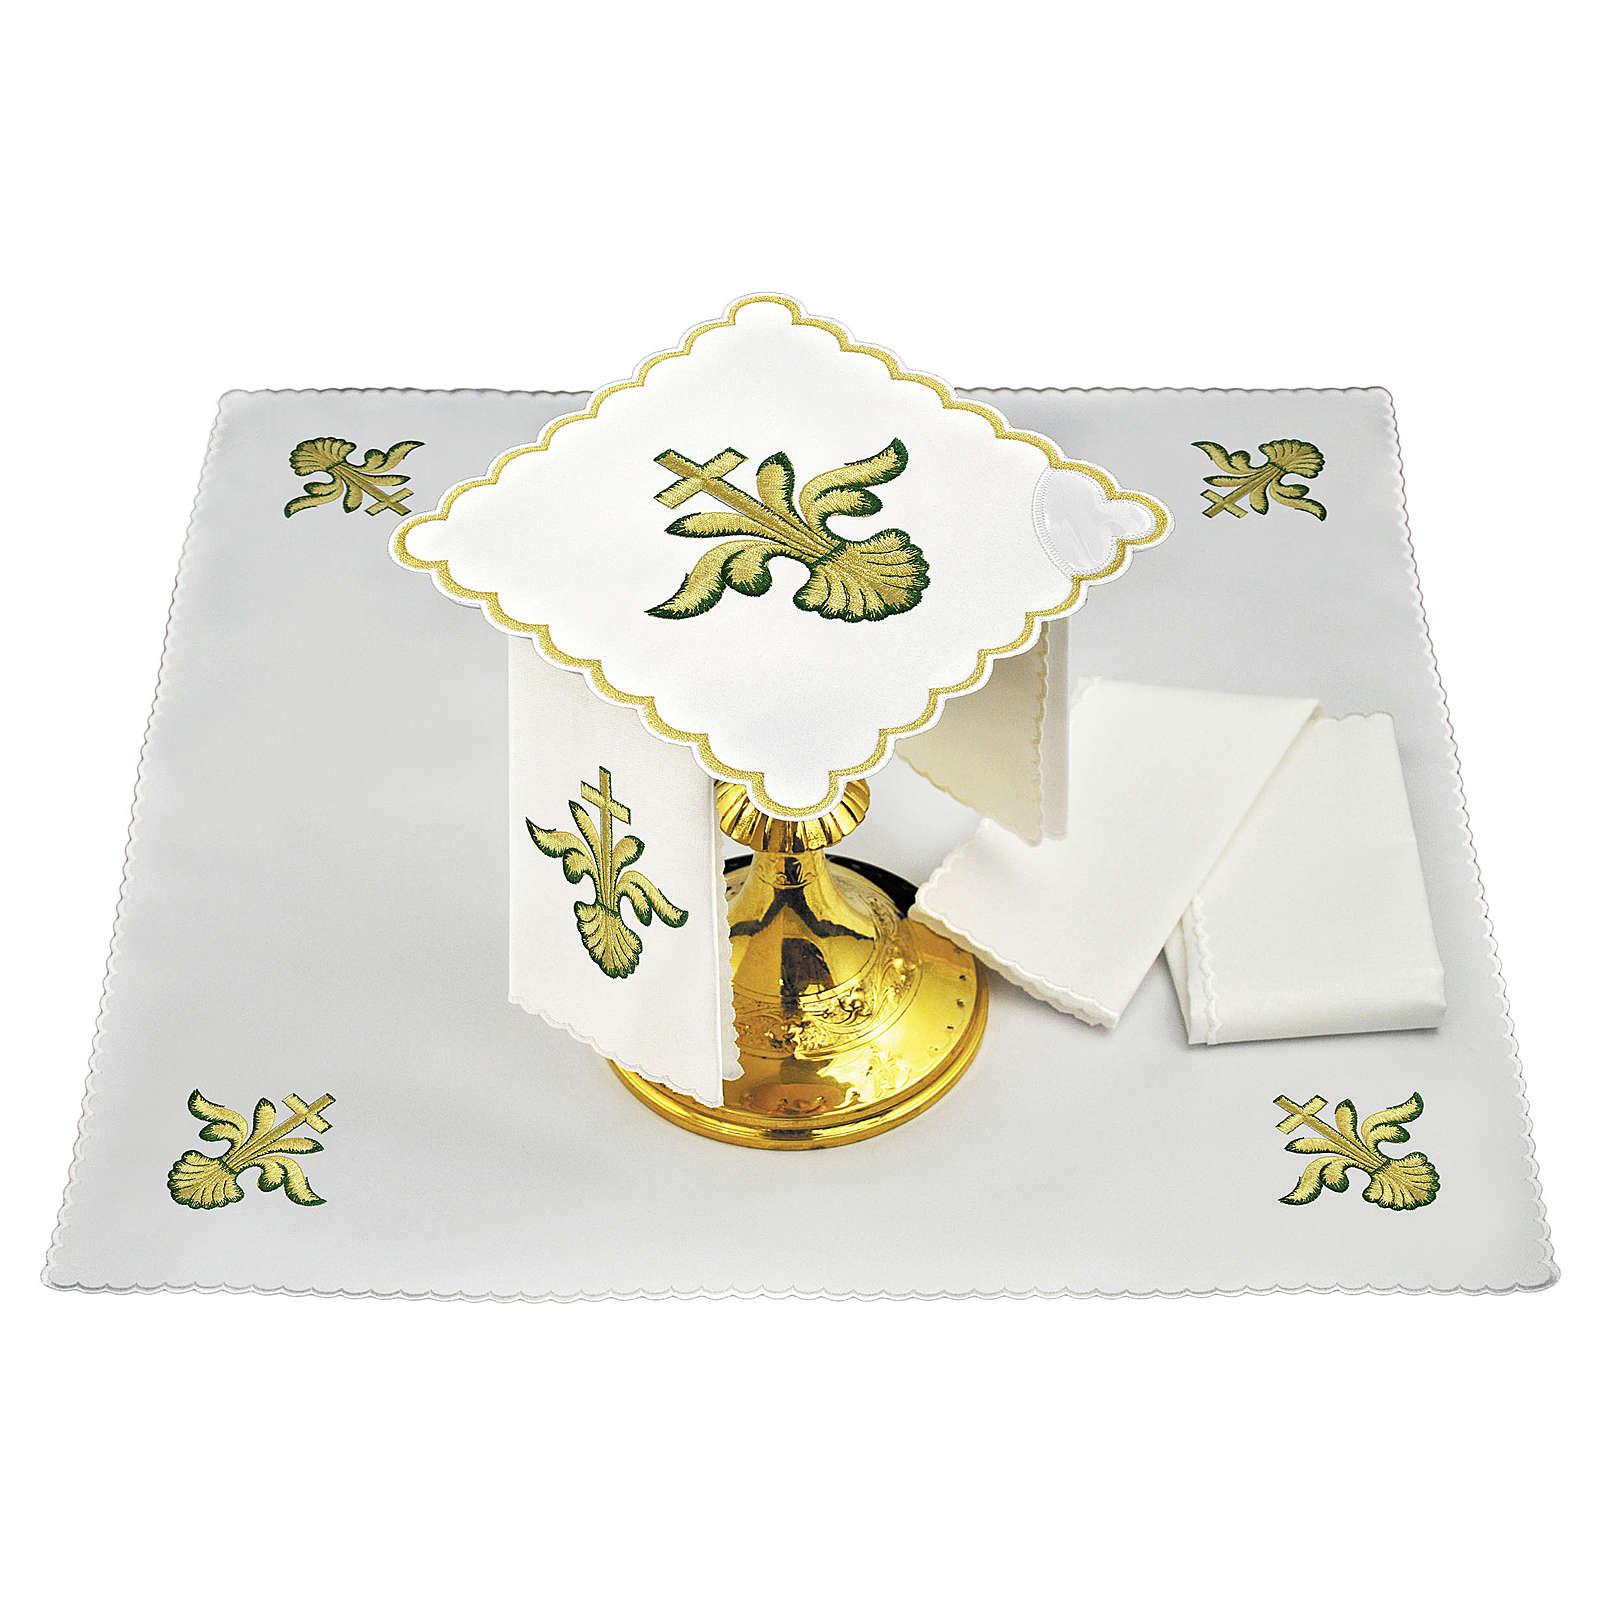 Servizio da altare lino croce barocca dorata sfumature verdi 4